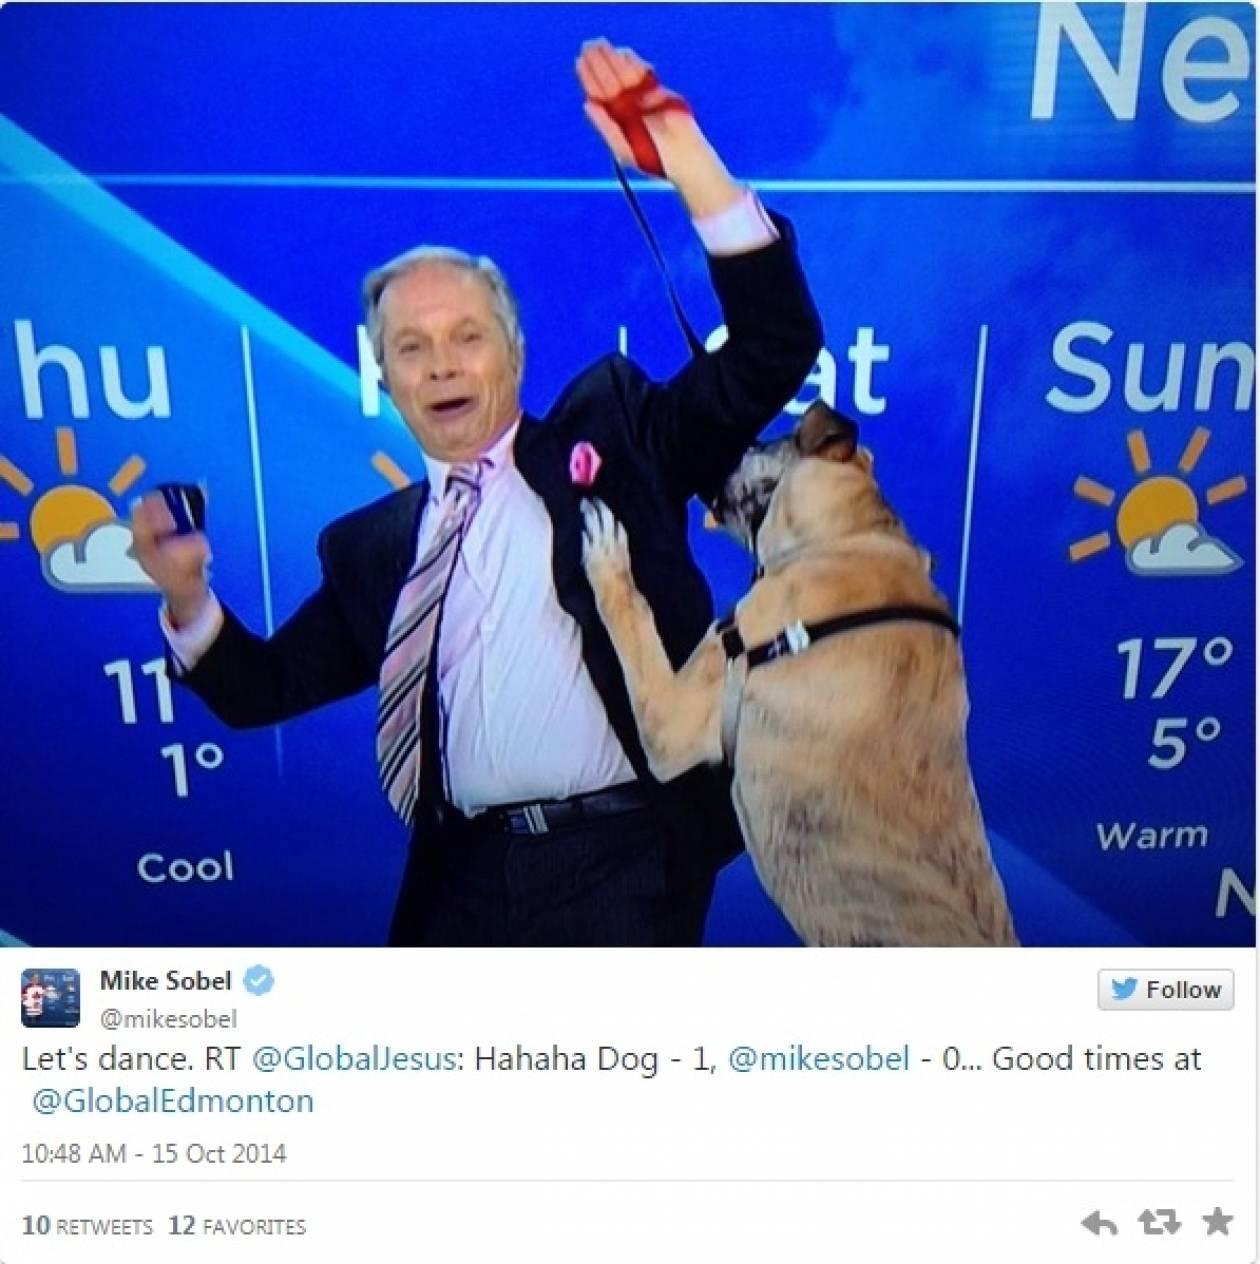 Παρουσιαστής έλεγε τον καιρό μαζί με το σκύλο του και να τι... έπαθε (βίντεο)